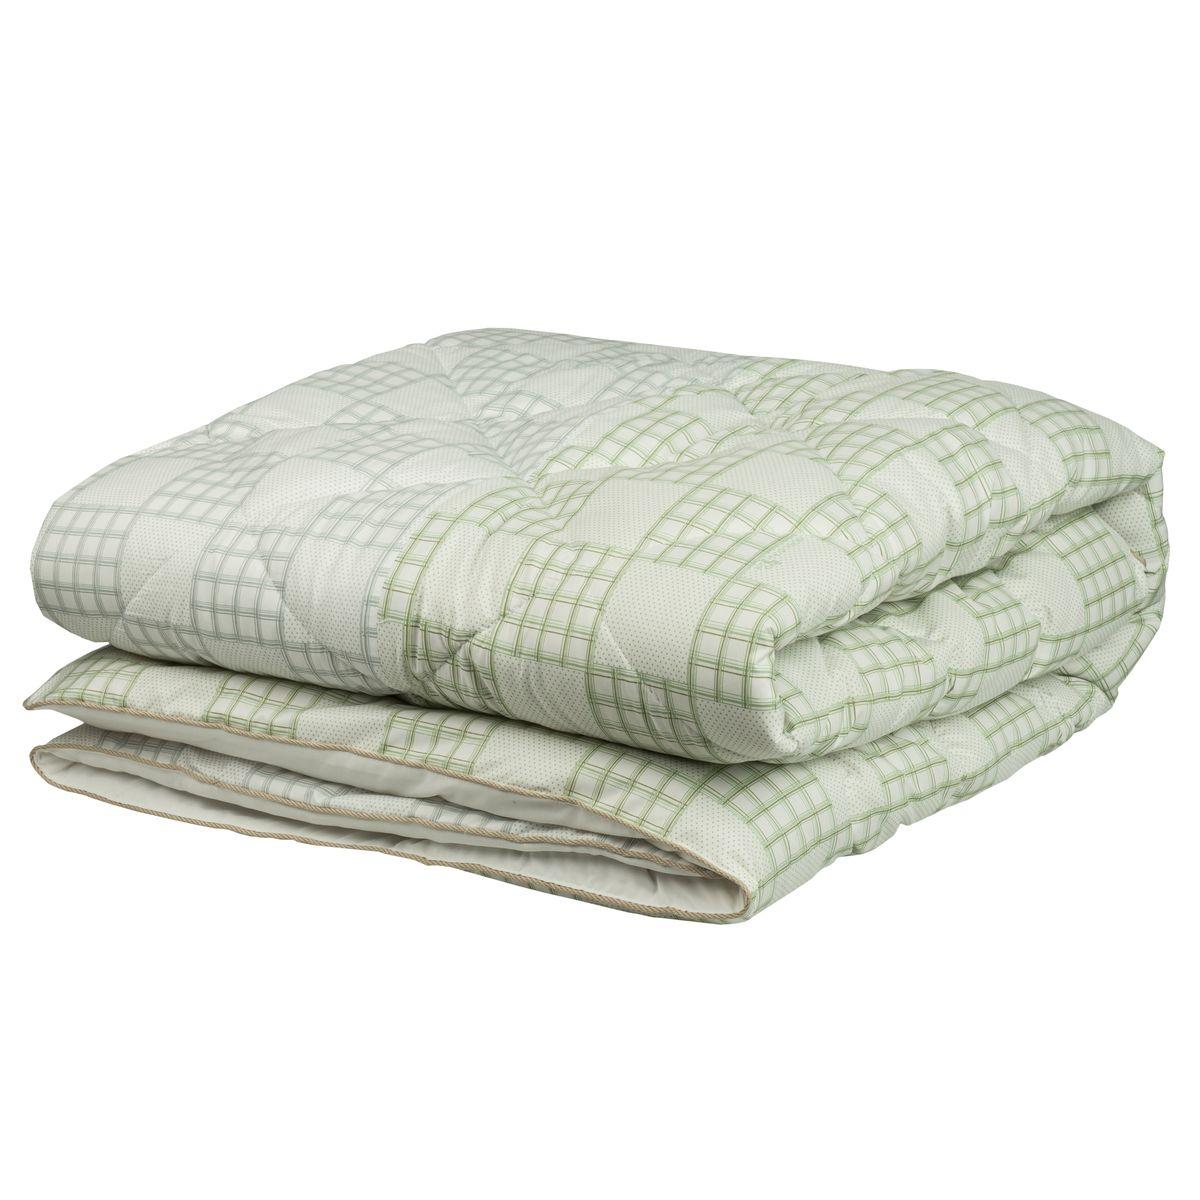 Одеяло Mona Liza Chalet Climat Control, цвет: серый, оливковый, 140 х 200 см539937/2Одеяло Mona Liza Chalet Climat Control изготовлено из плотного тика, с отделочным кантом. Одновременно имеет две зоны температурного режима, поскольку наполнитель состоит из двух частей: одна половина изделия более теплая, содержит волокна натуральной шерсти, а вторая половина одеяла прохладная - так как наполнена натуральными растительными волокнами. Такое одеяло сделает спальное место уютным и подарит ощущение комфорта.